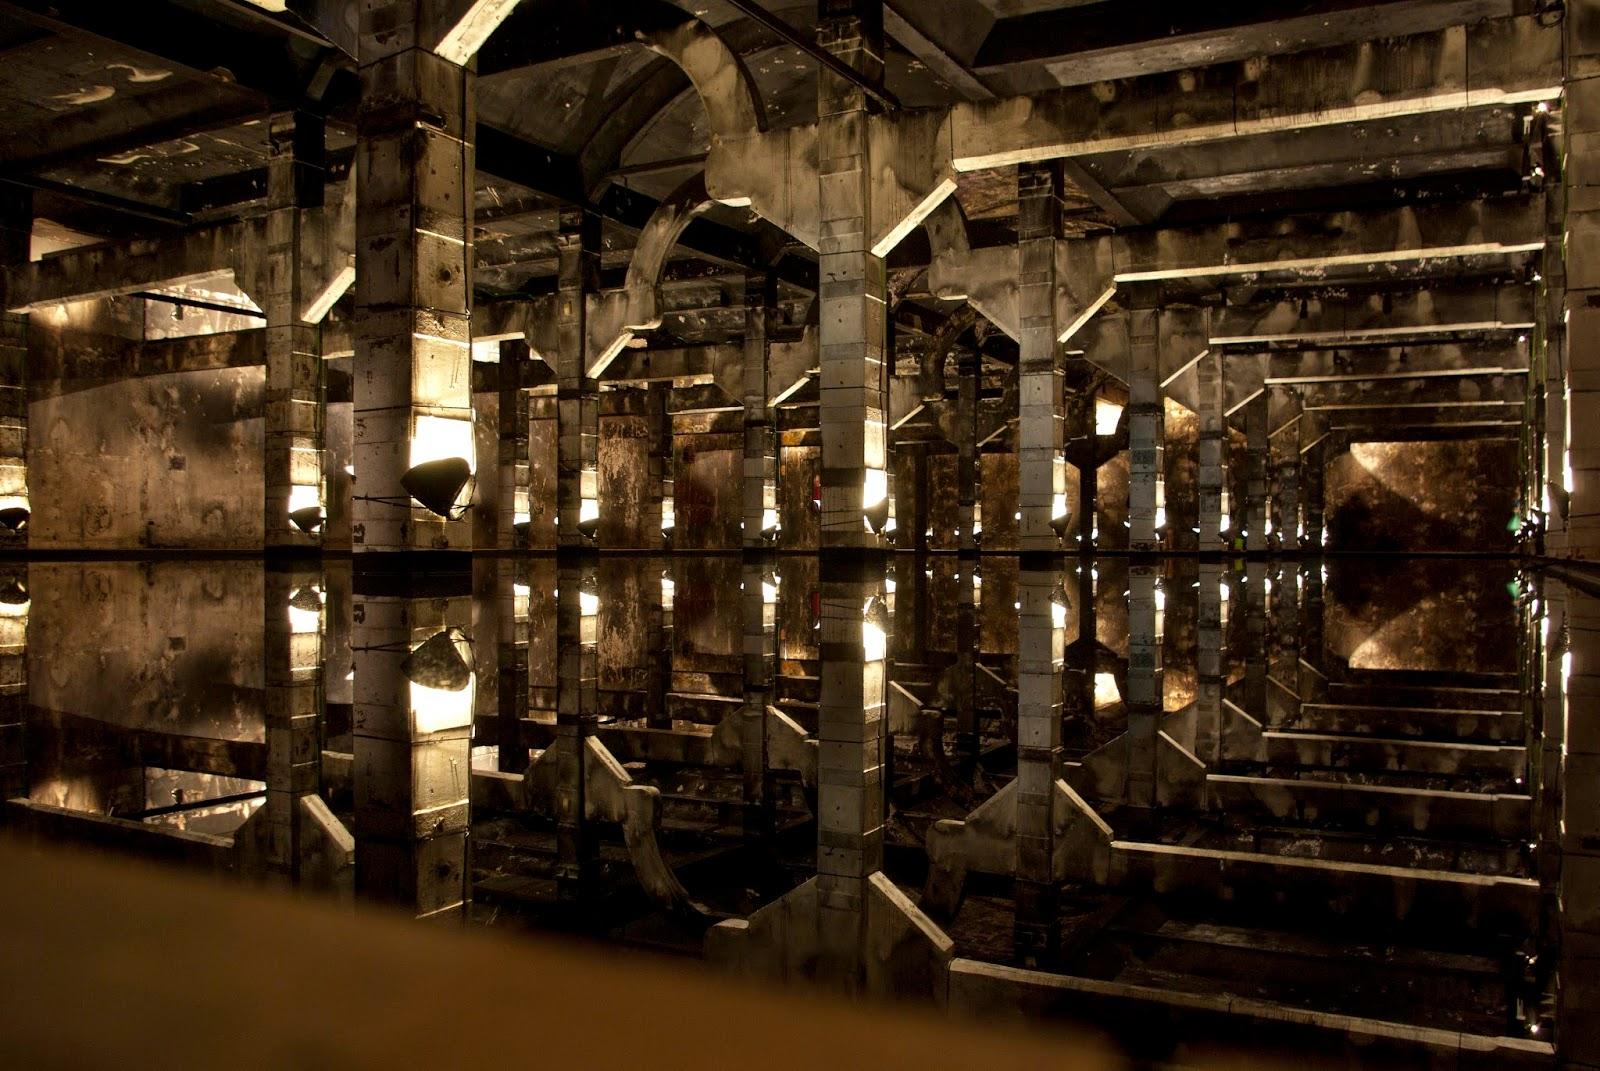 esta obra no solo es una simple obra en la que podemos andar por una sala llena de agua sino que el autor hace partcipe a quien visite la instalacin